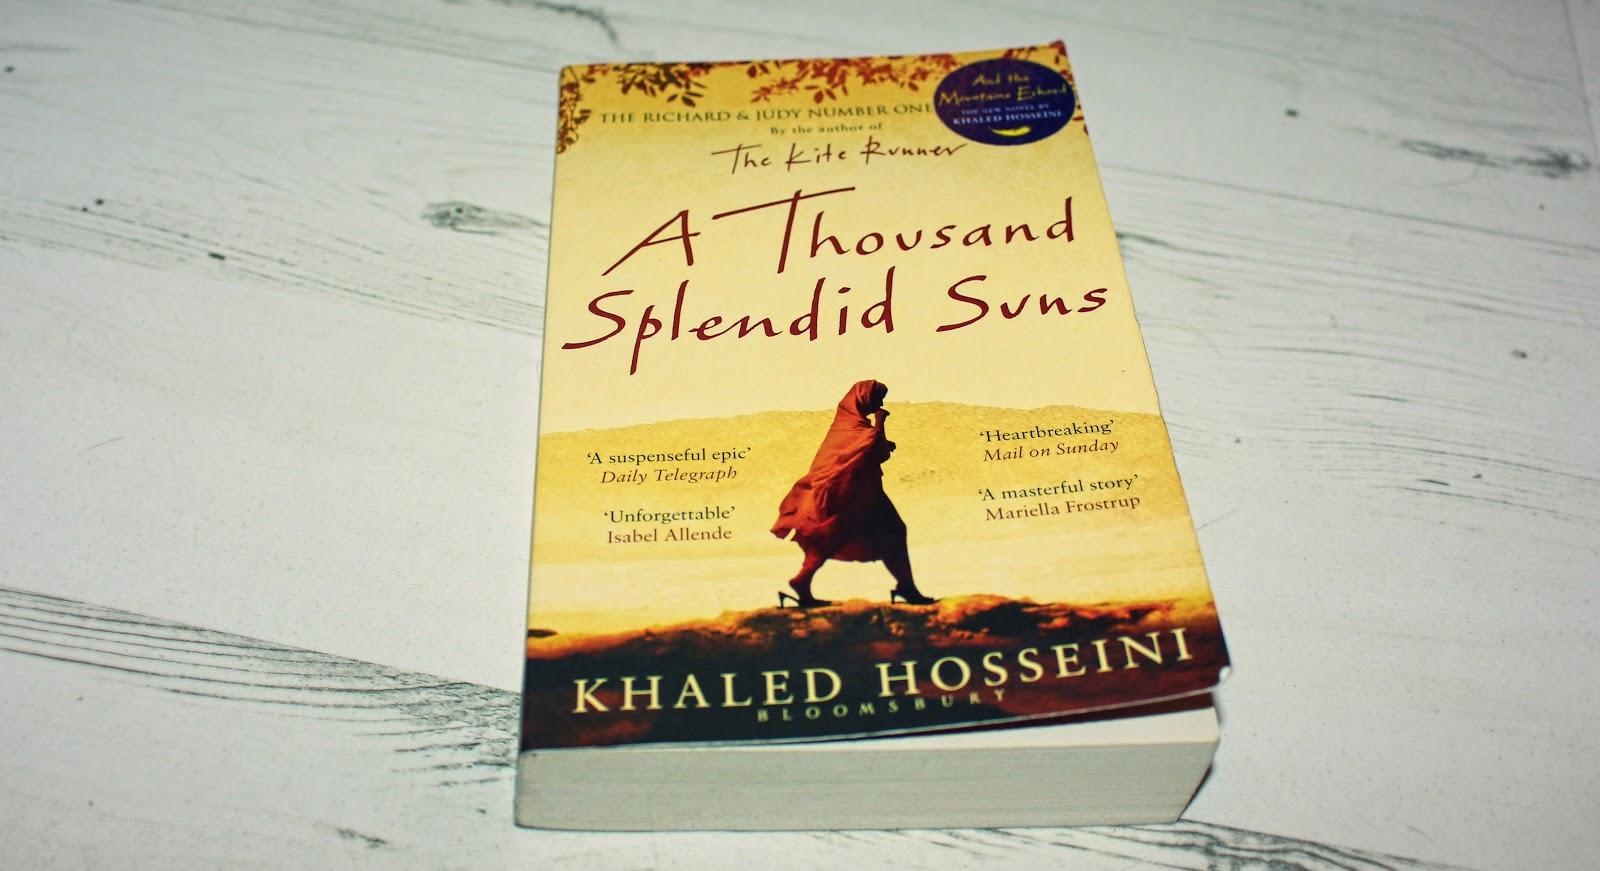 a thousand splendid suns 3 A thousand splendid suns part 3 summary brief summary of part 3 in a  thousand splendid suns book.